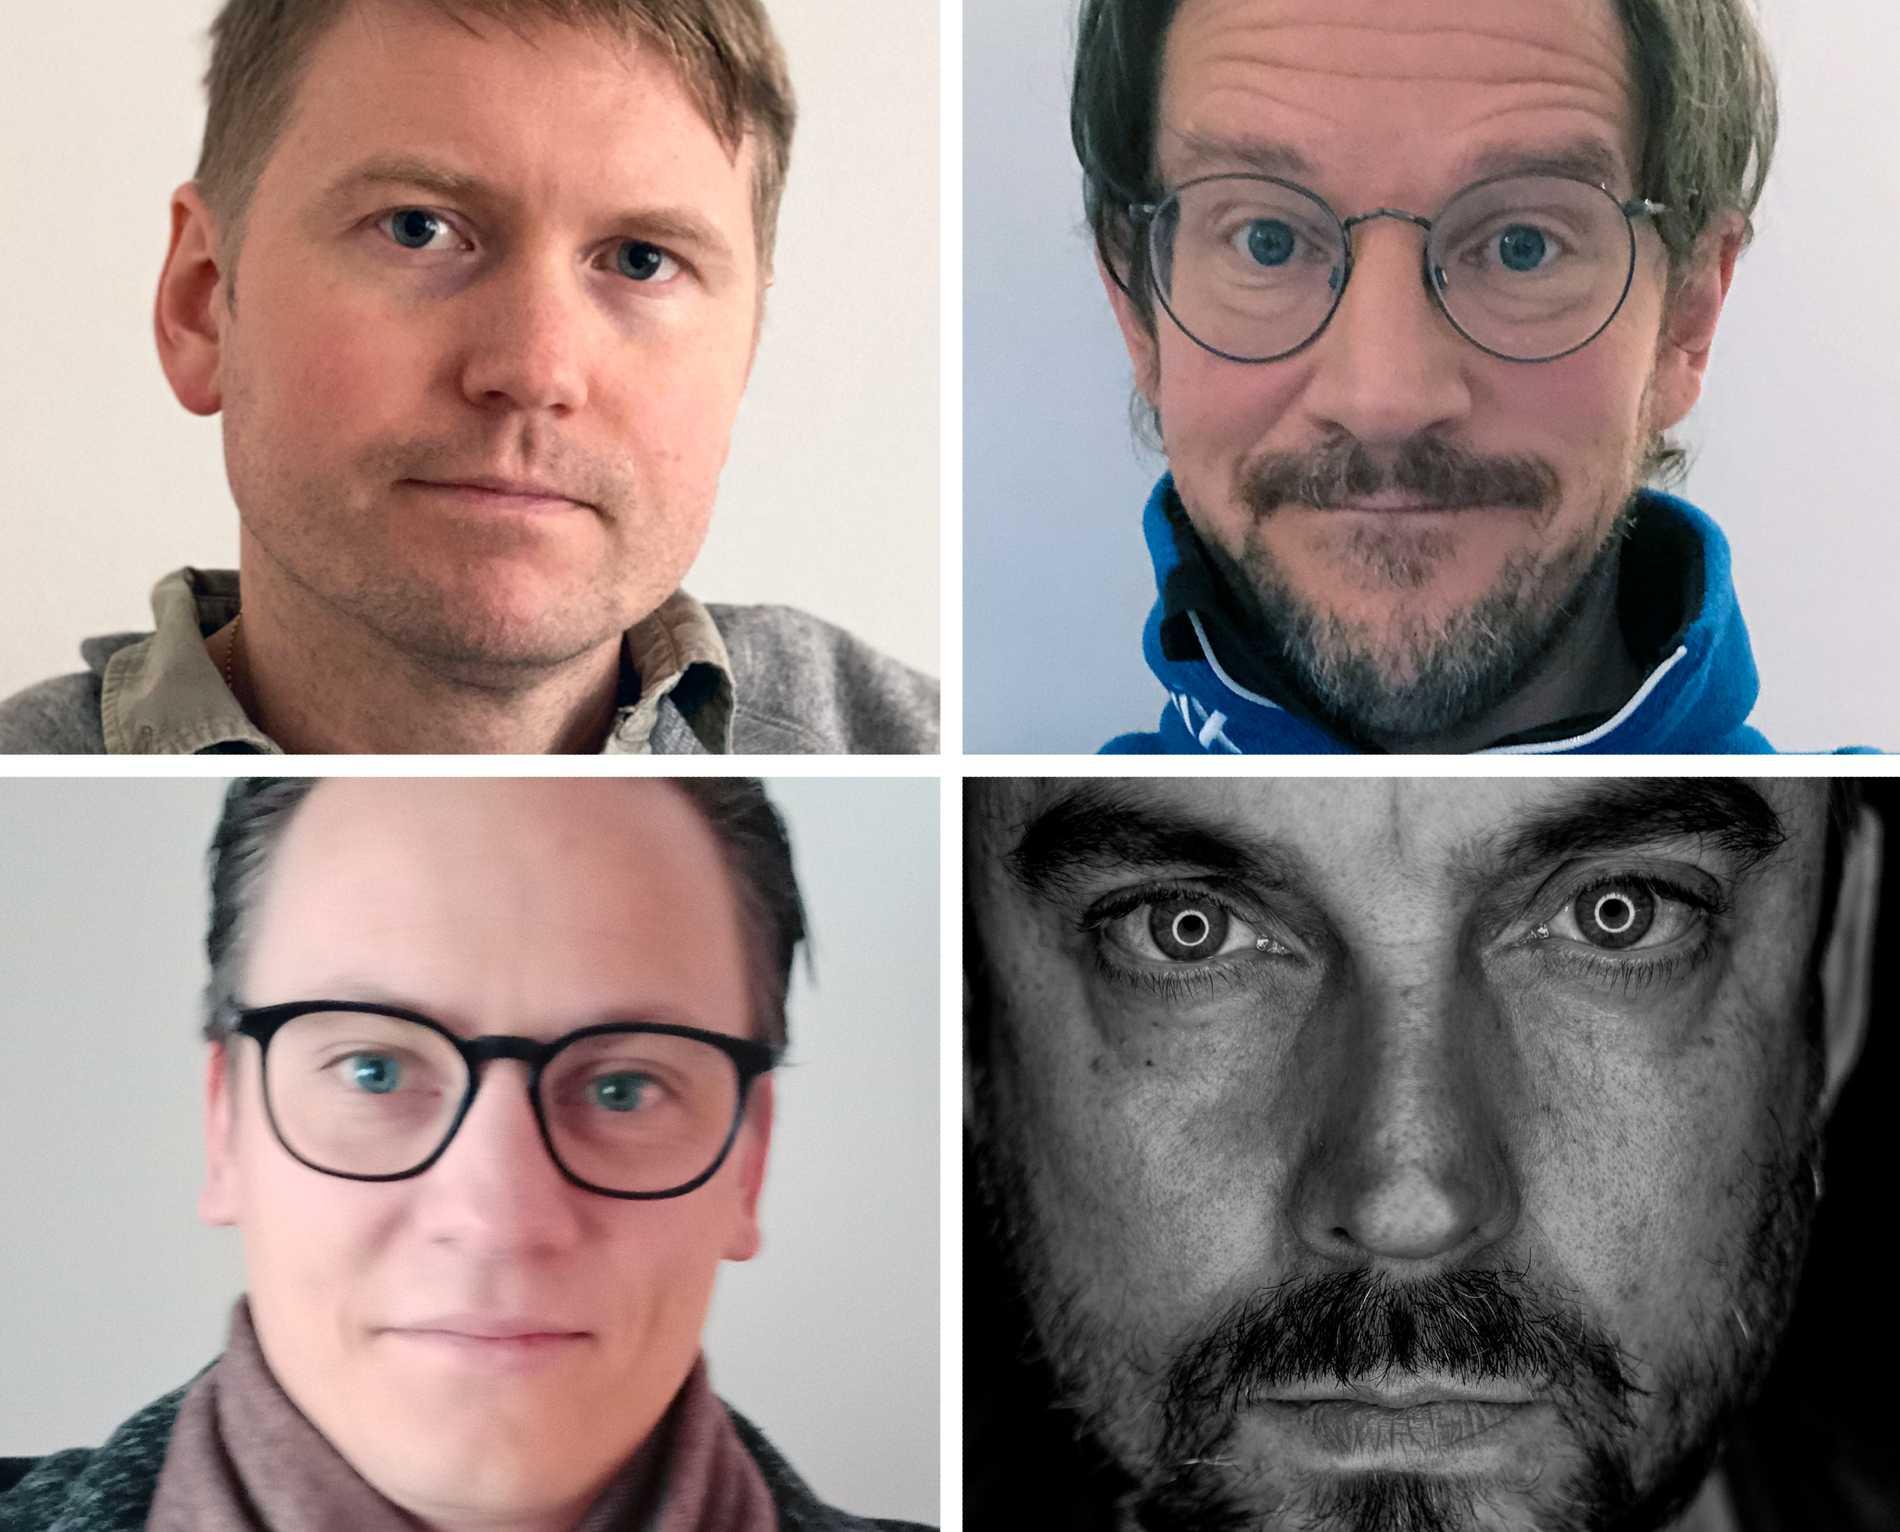 Männen bakom podden, uppe från vänster: Läkaren Urban Gärdek, läraren Thorbjörn Brehmer; nere från vänster: läraren Tobias Fernström von Braun och poddskaparen Dan Hörning.